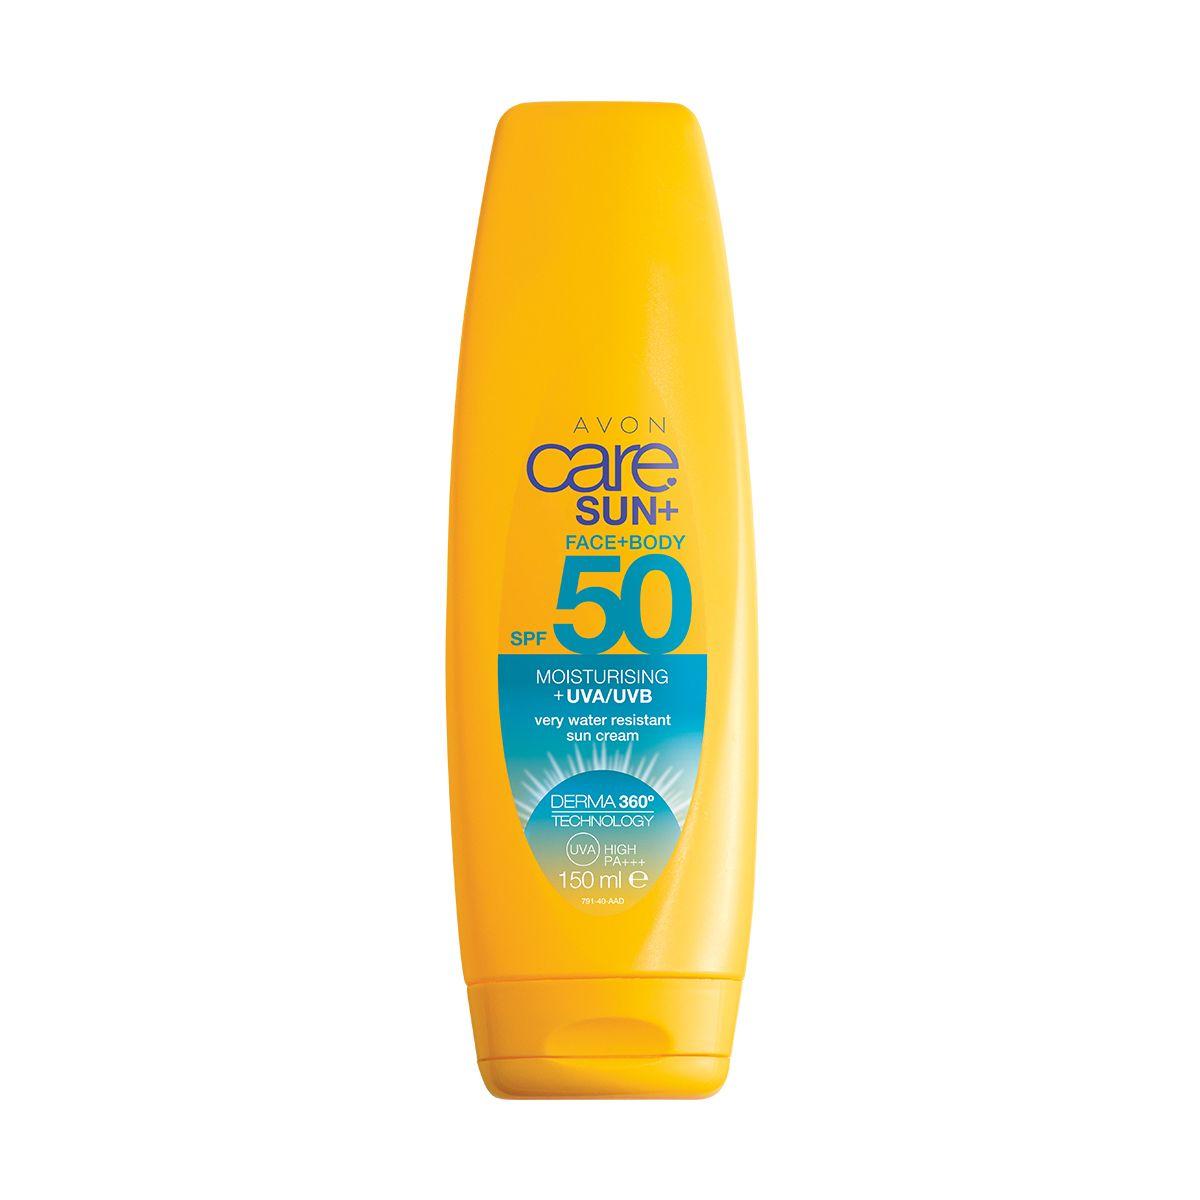 إفون كير صن بيور أند سينسيتيف كريم مرطب لبشرة الوجه و الجسم واقي من الشمس. بعامل حماية من الشمس SPF50  94463 150ml